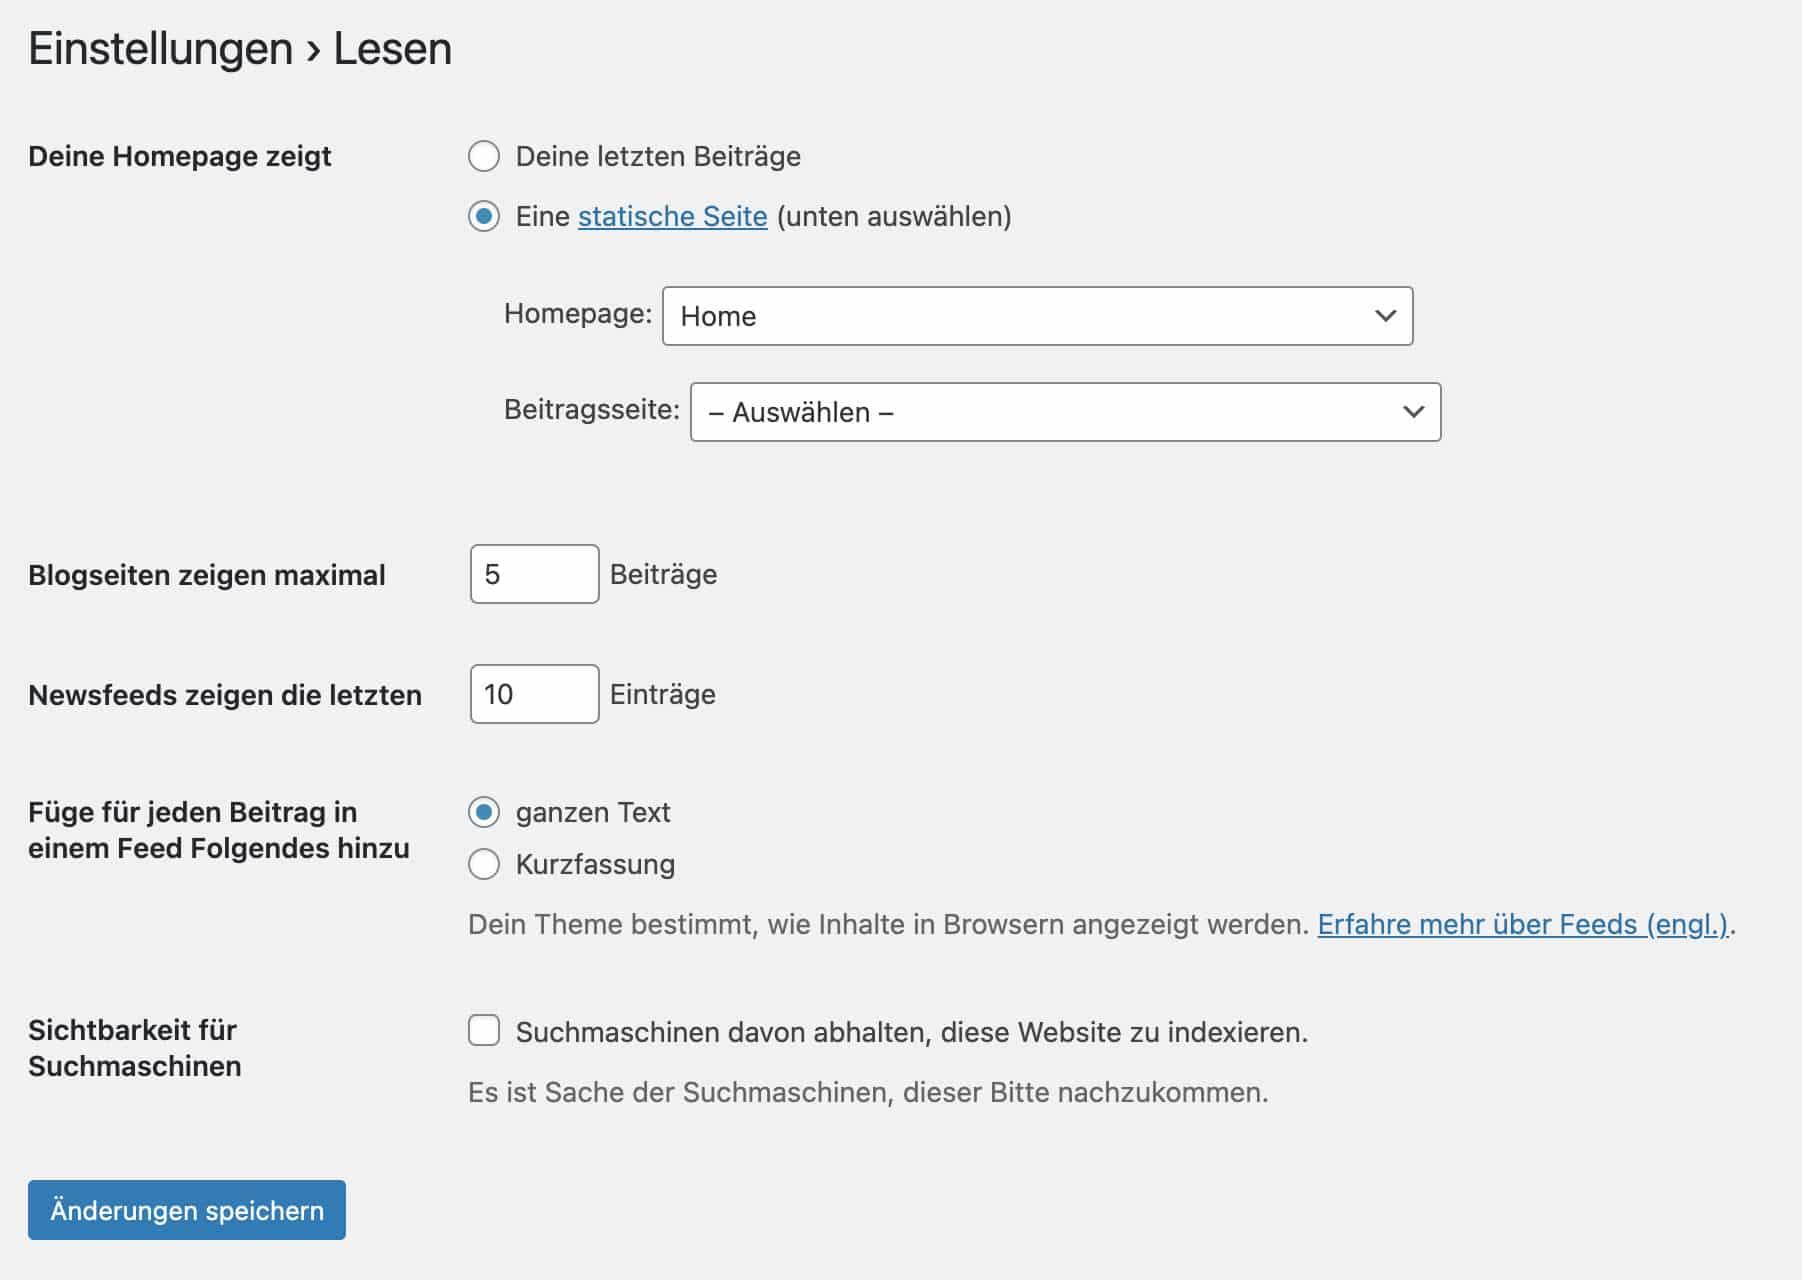 Es ist definitiv zu empfehlen, in WordPress eine Startseite anzulegen und nicht die letzten Beiträge anzeigen zu lassen